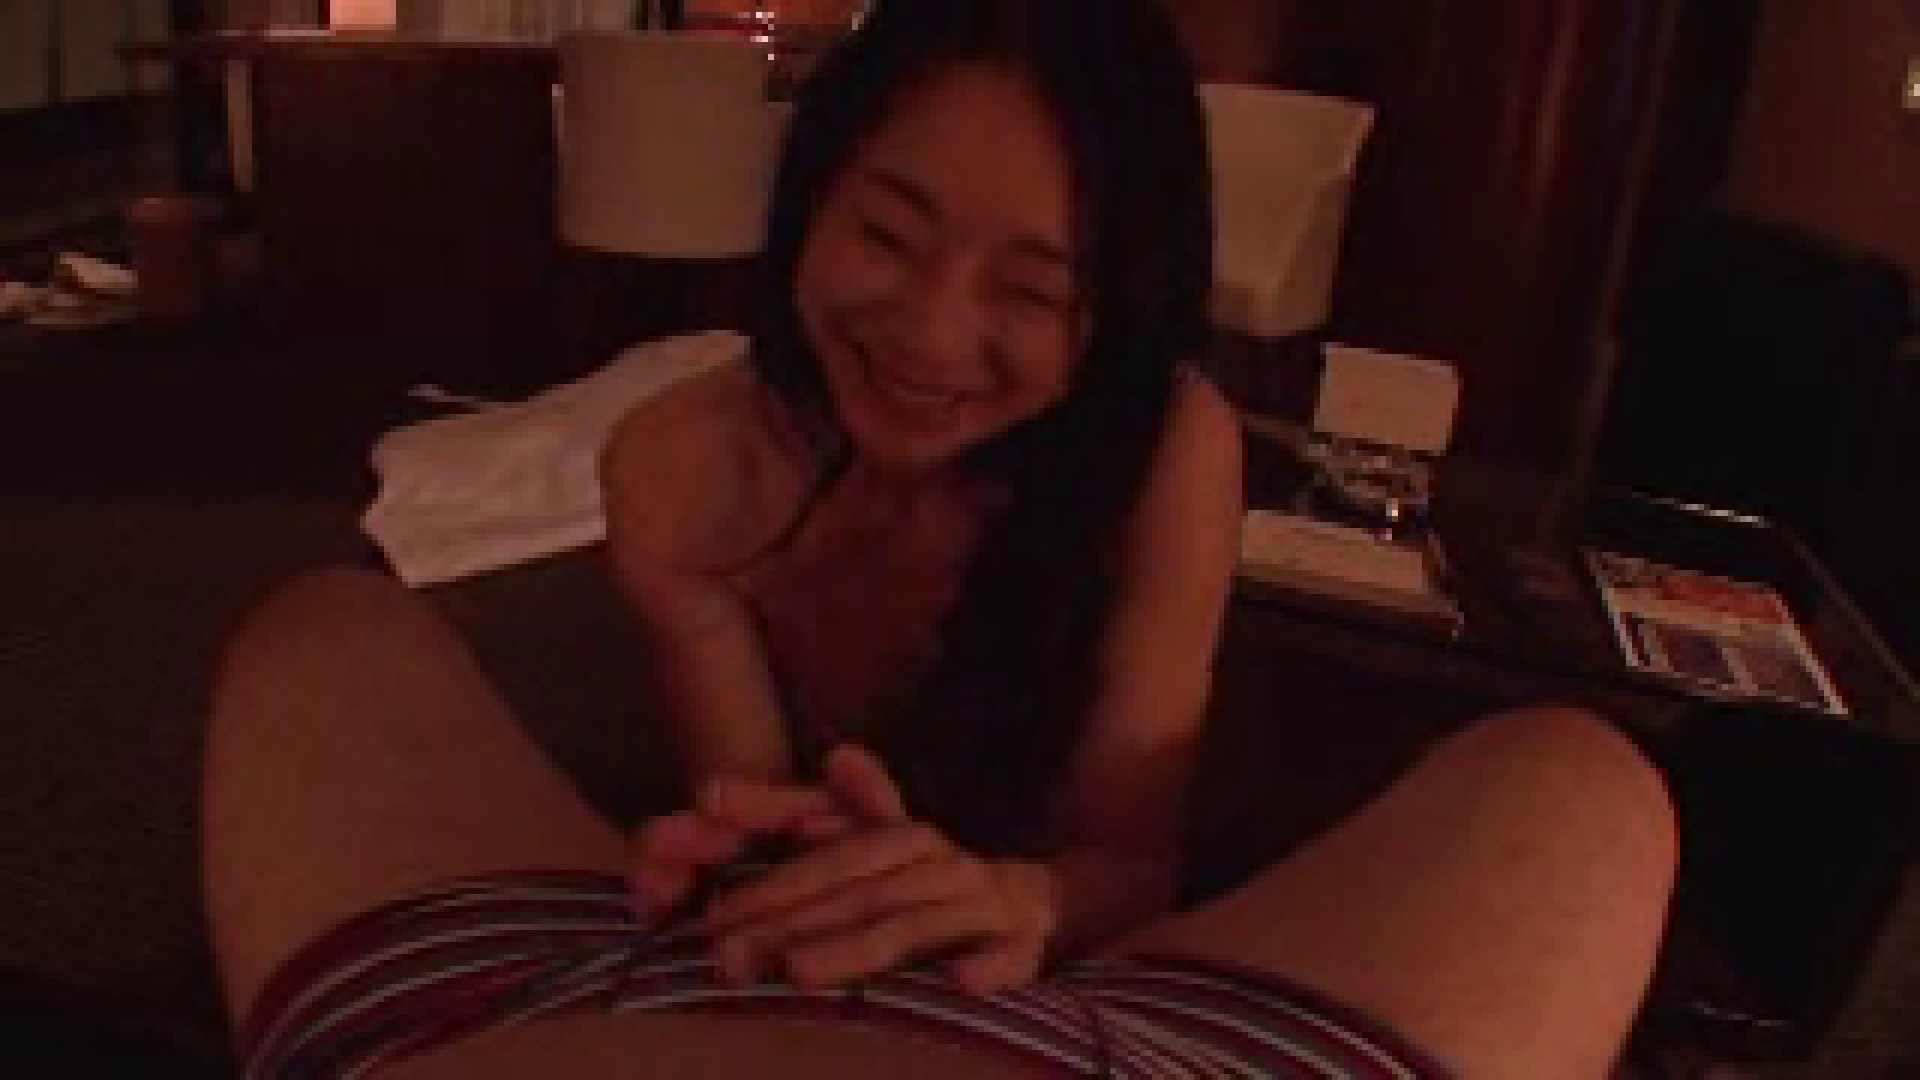 親友同士で競演 超美形のSEXパーティ Vol.04 エッチな熟女 AV動画キャプチャ 85pic 47